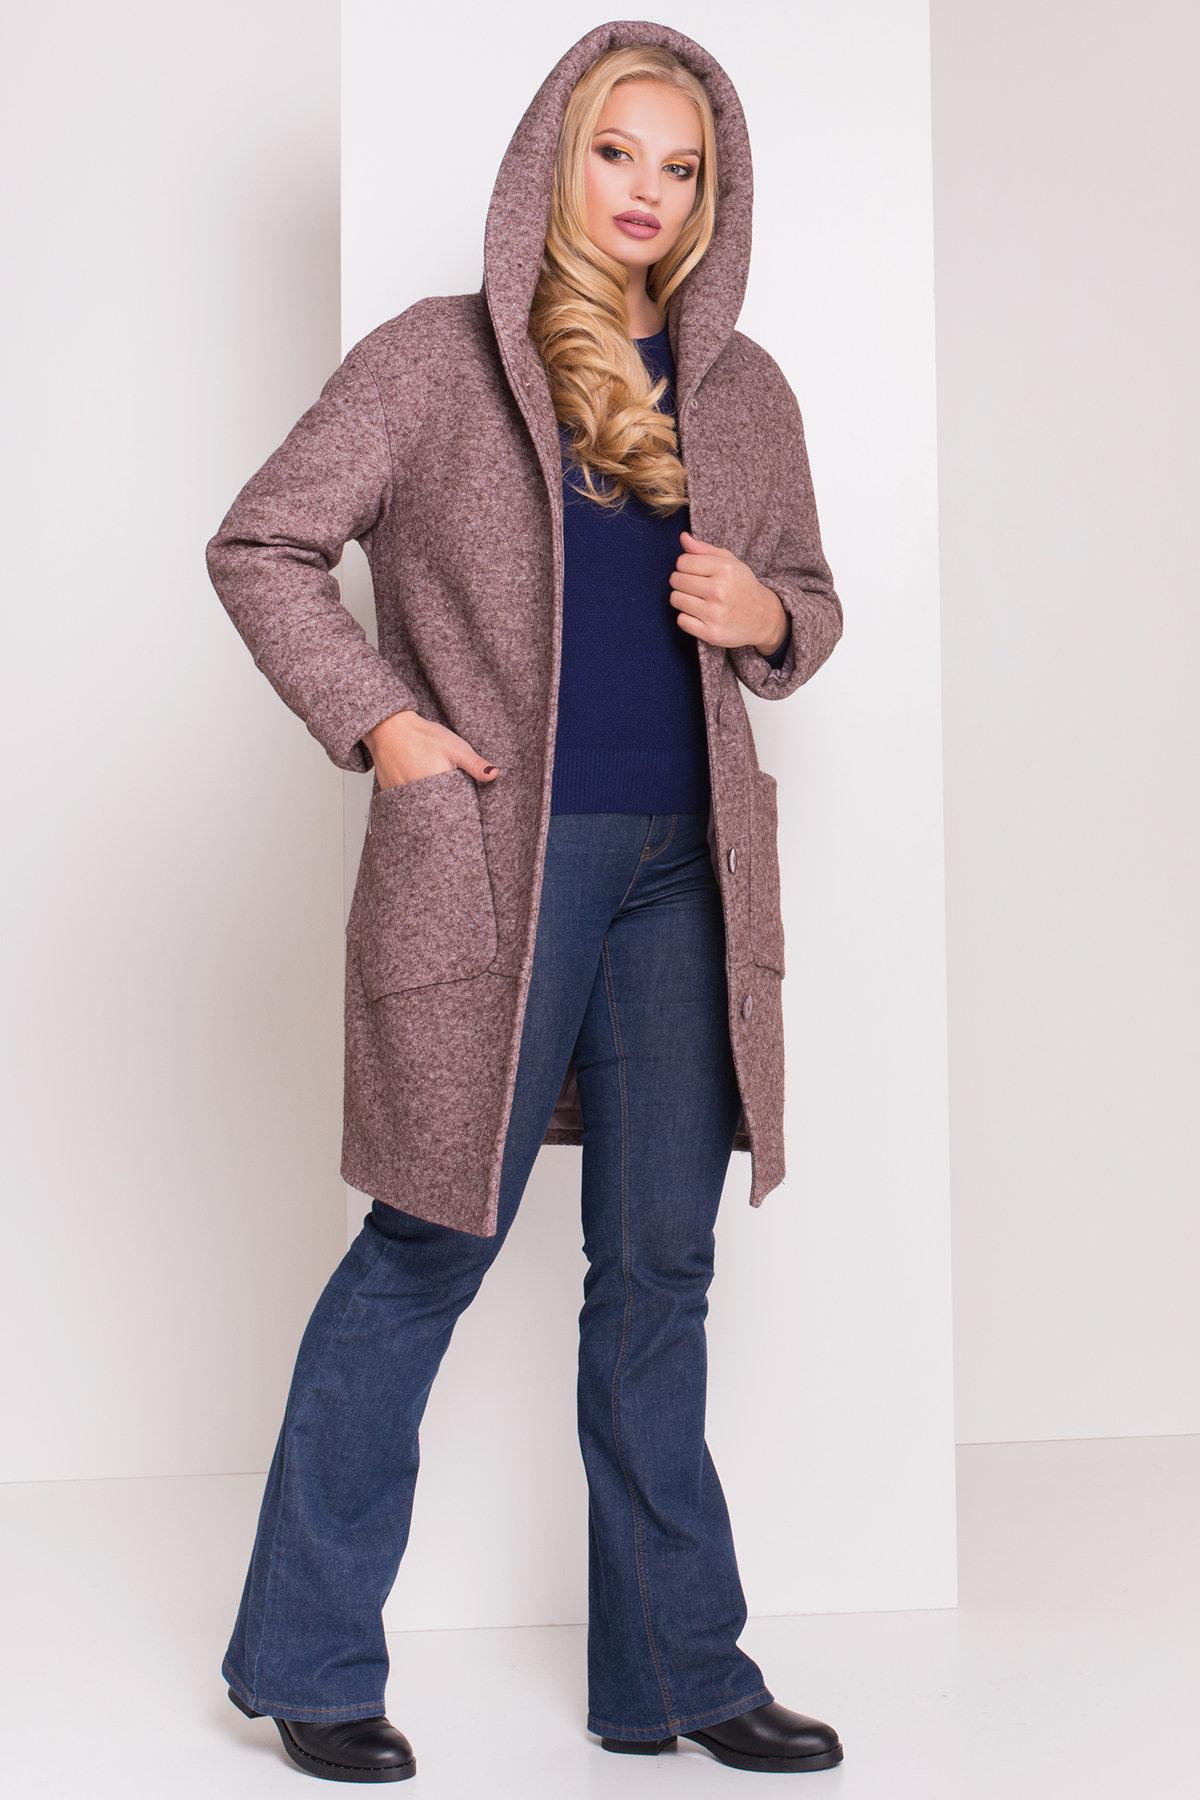 Пальто зима с капюшоном Анита Donna 3720 АРТ. 19287 Цвет: Кофе LW-4 - фото 3, интернет магазин tm-modus.ru